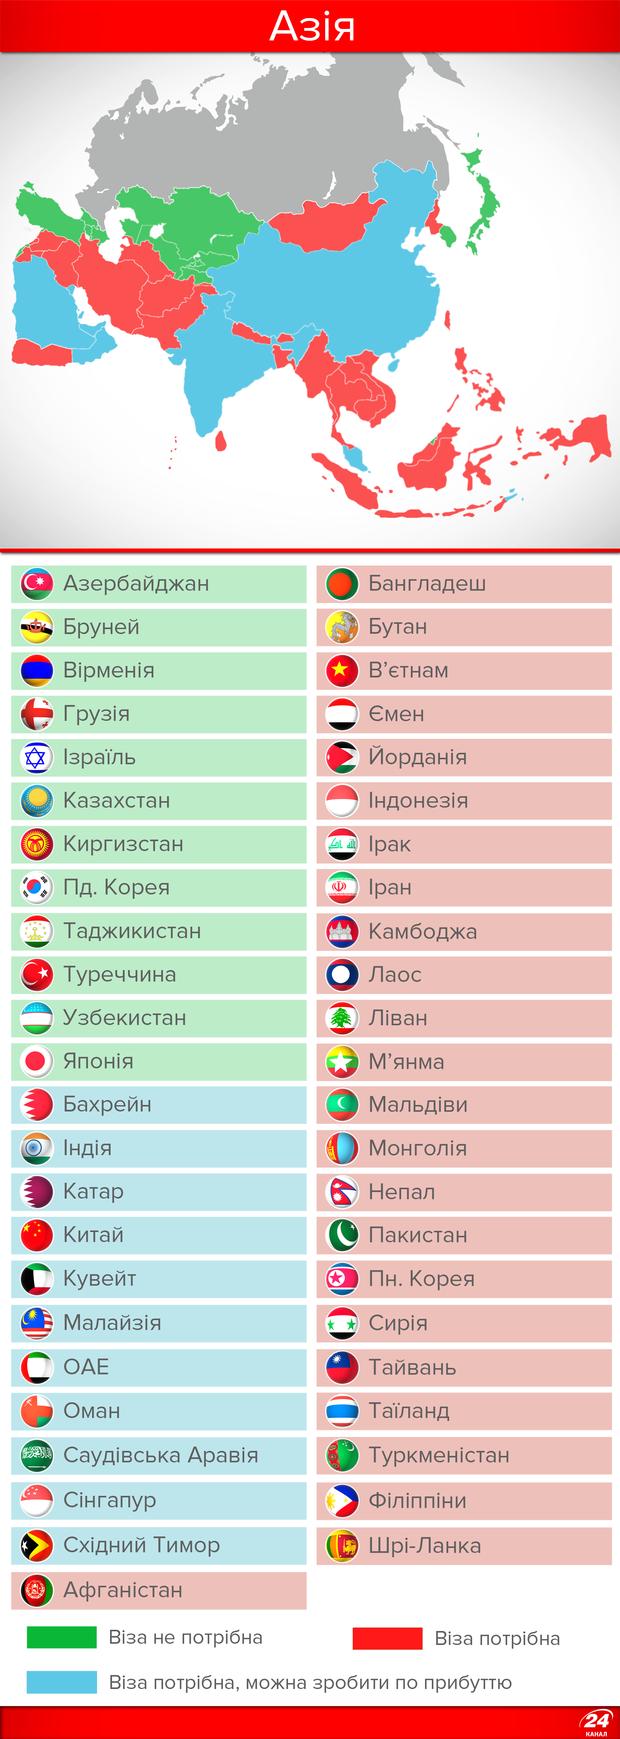 Кому потрібні візи для відвідування України: Азія